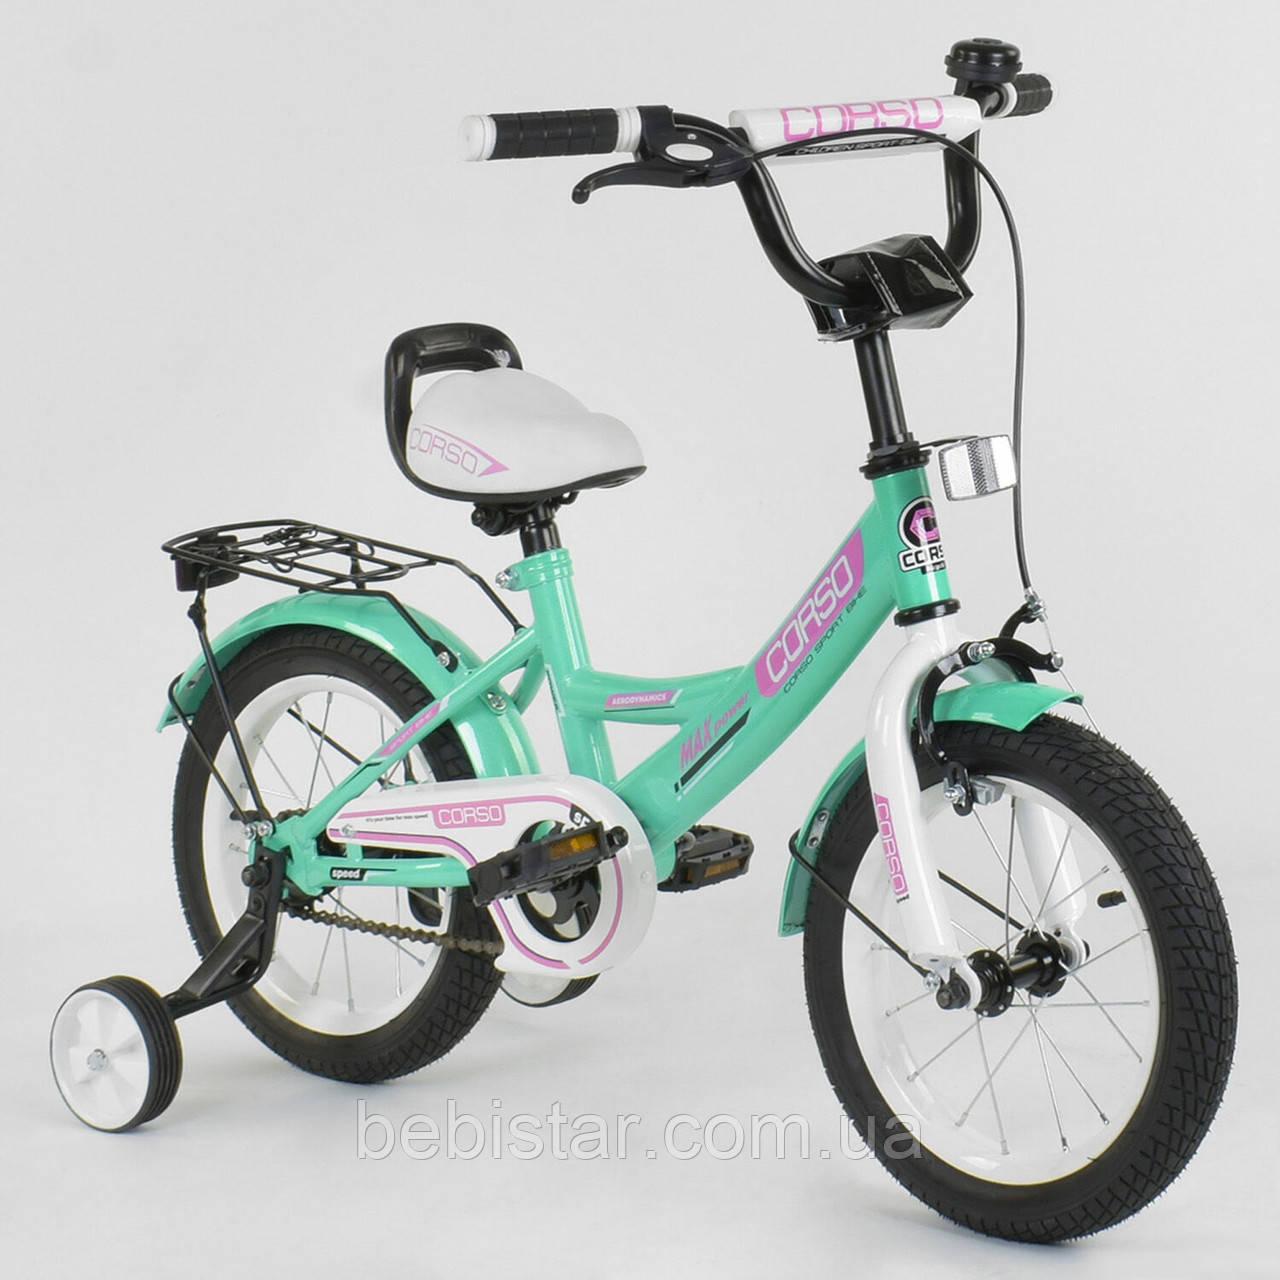 """Двухколесный детский велосипед бирюзовый с розовым ручной тормоз звоночек Corso 14"""" деткам 3-5 лет"""